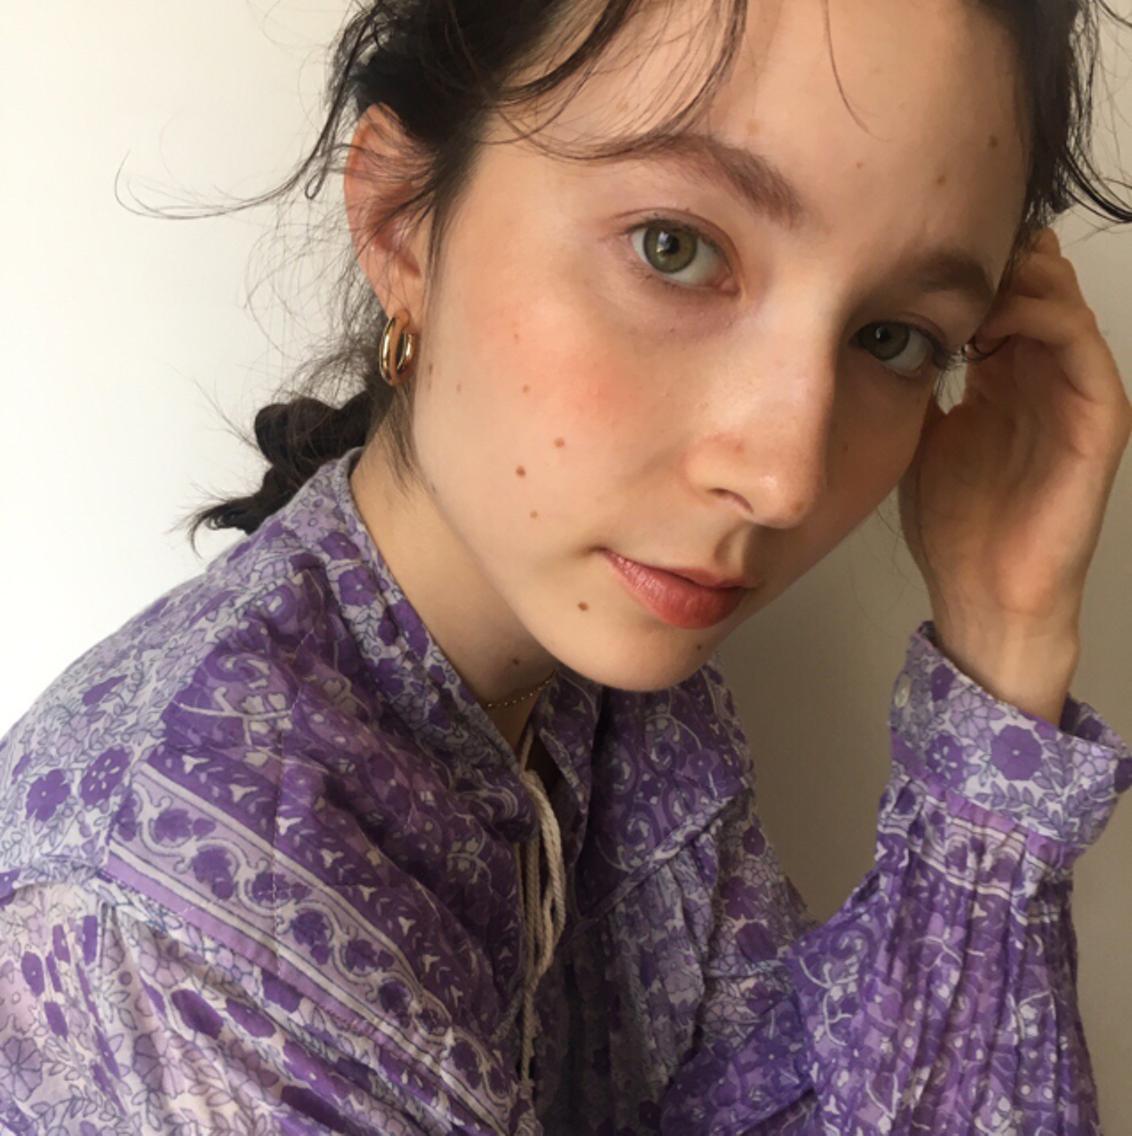 吉祥寺の隠れ家サロンROUNGE hair初回限定特別料金✂️カットカラートリートメント¥5000◎2回目以降も割引あり